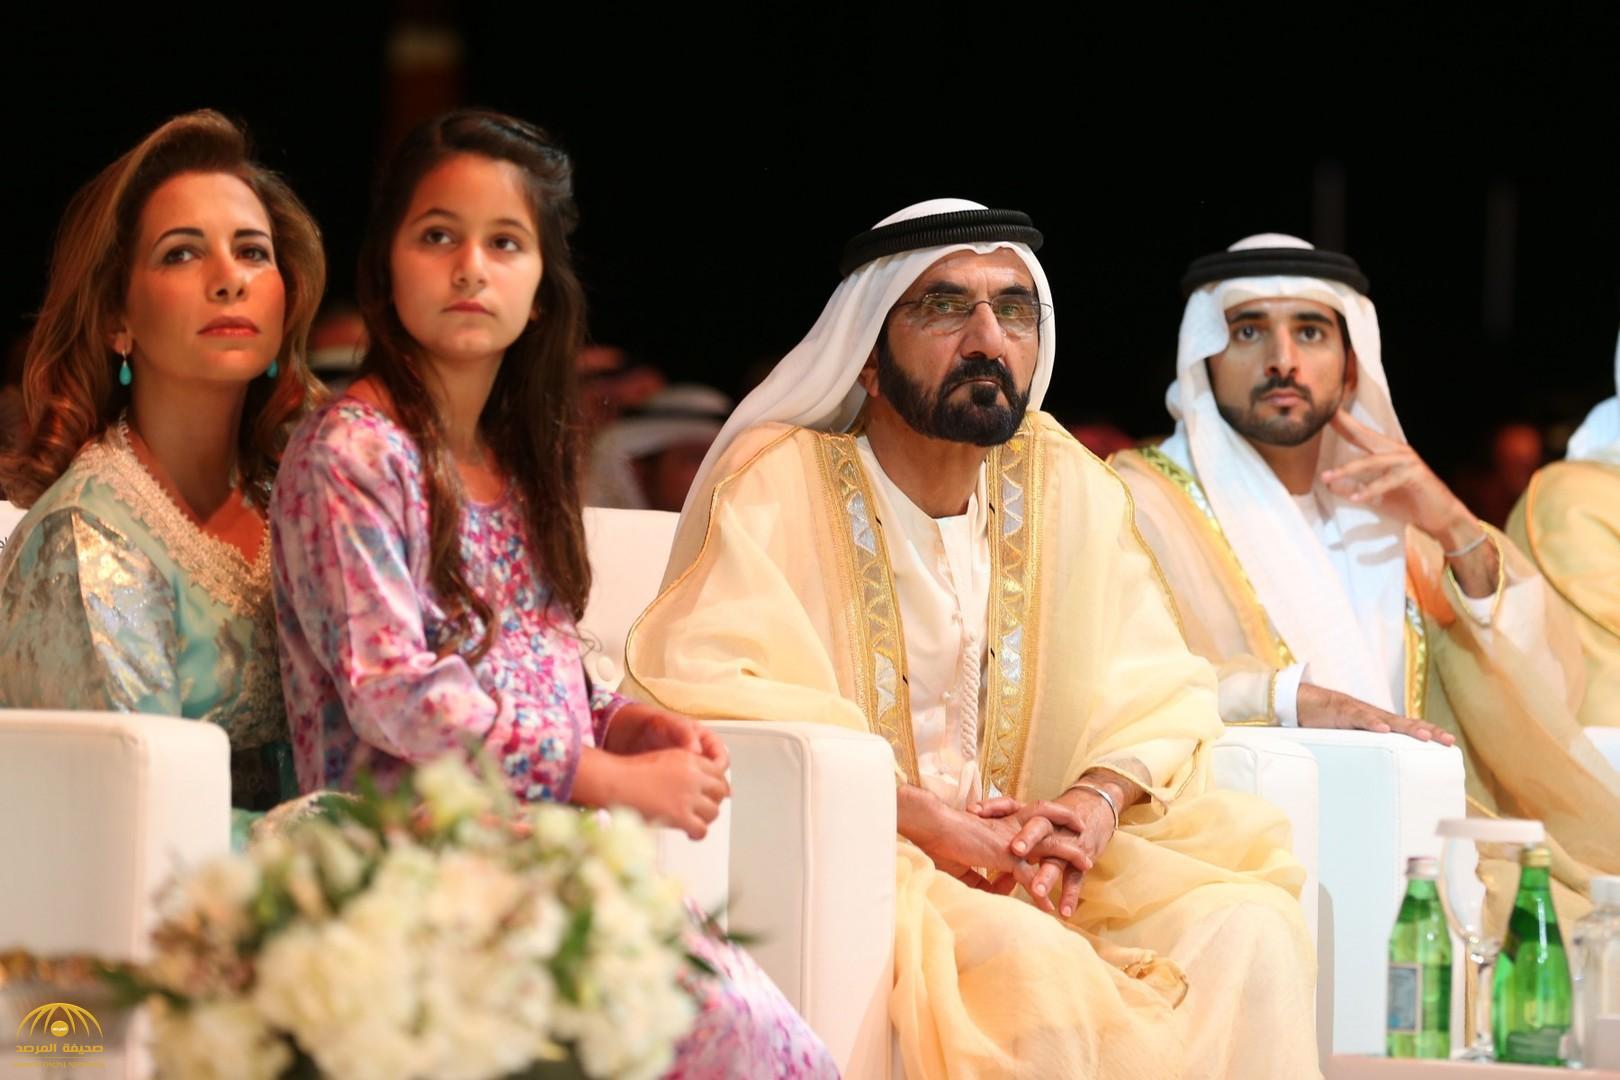 """محمد بن راشد آل مكتوم  يعلن عن """"مسابقة رمضانية"""" جديدة بجوائز مغرية"""